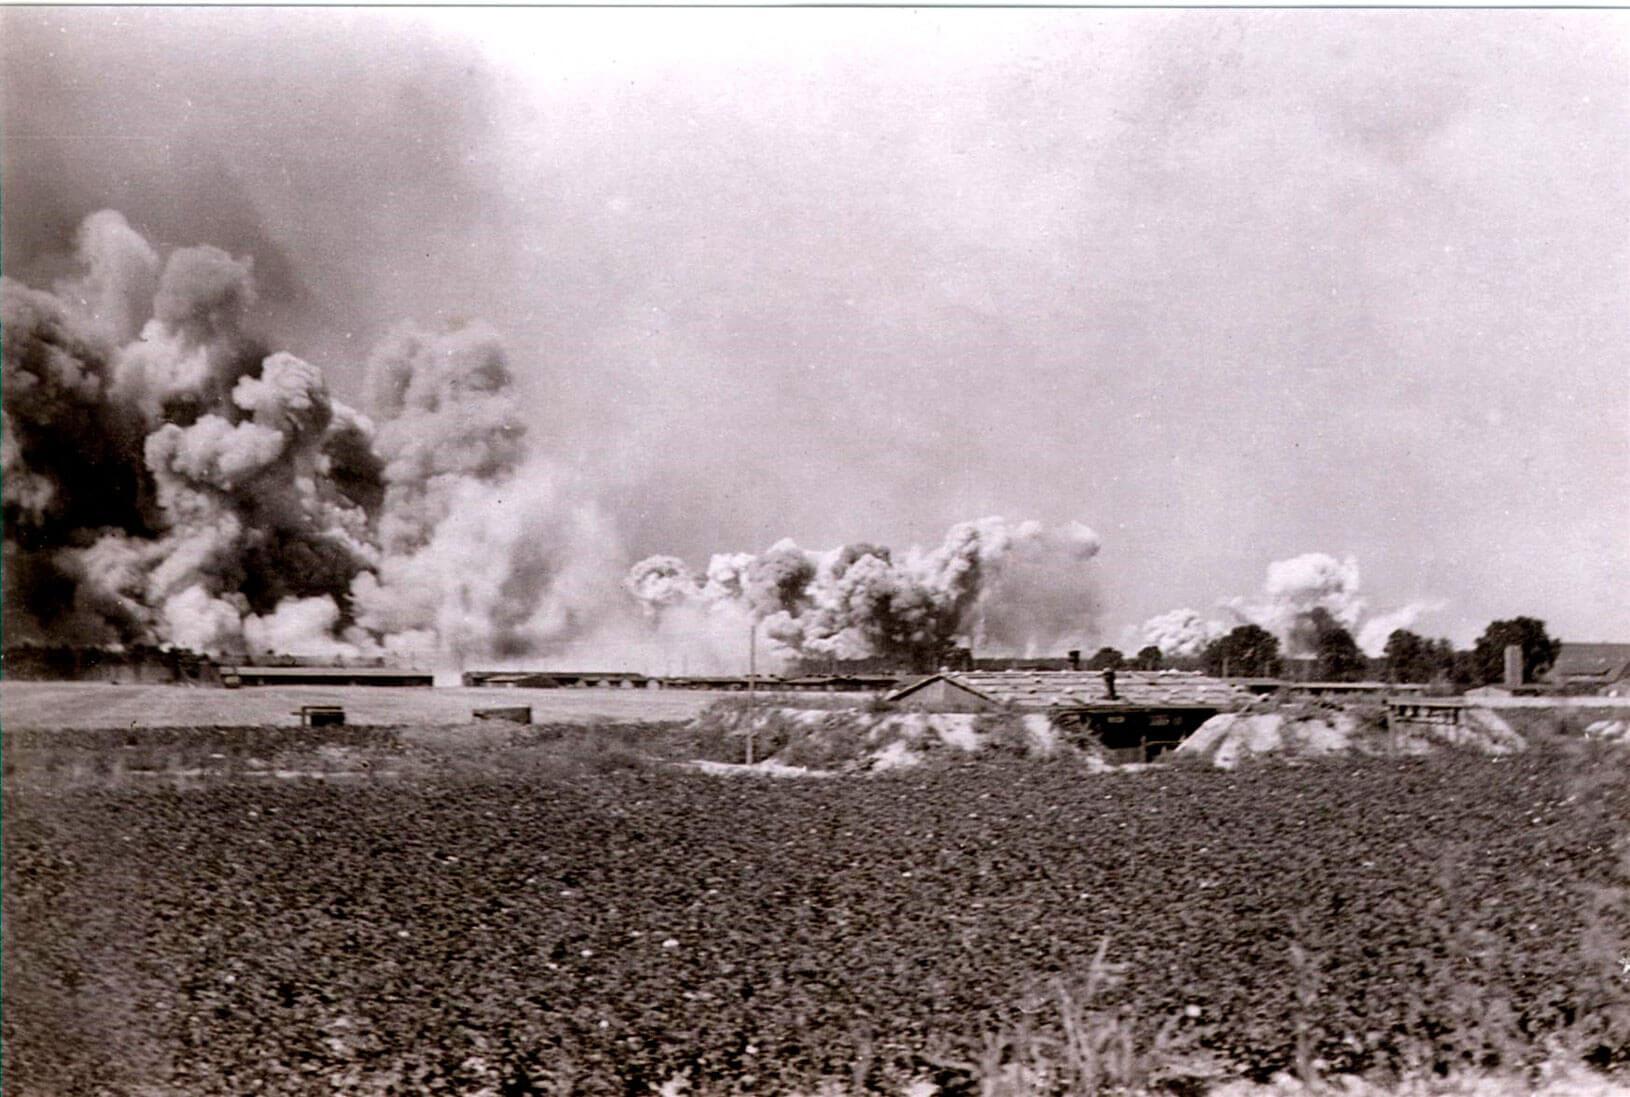 Luftangriff-Ludwigsfelde-5